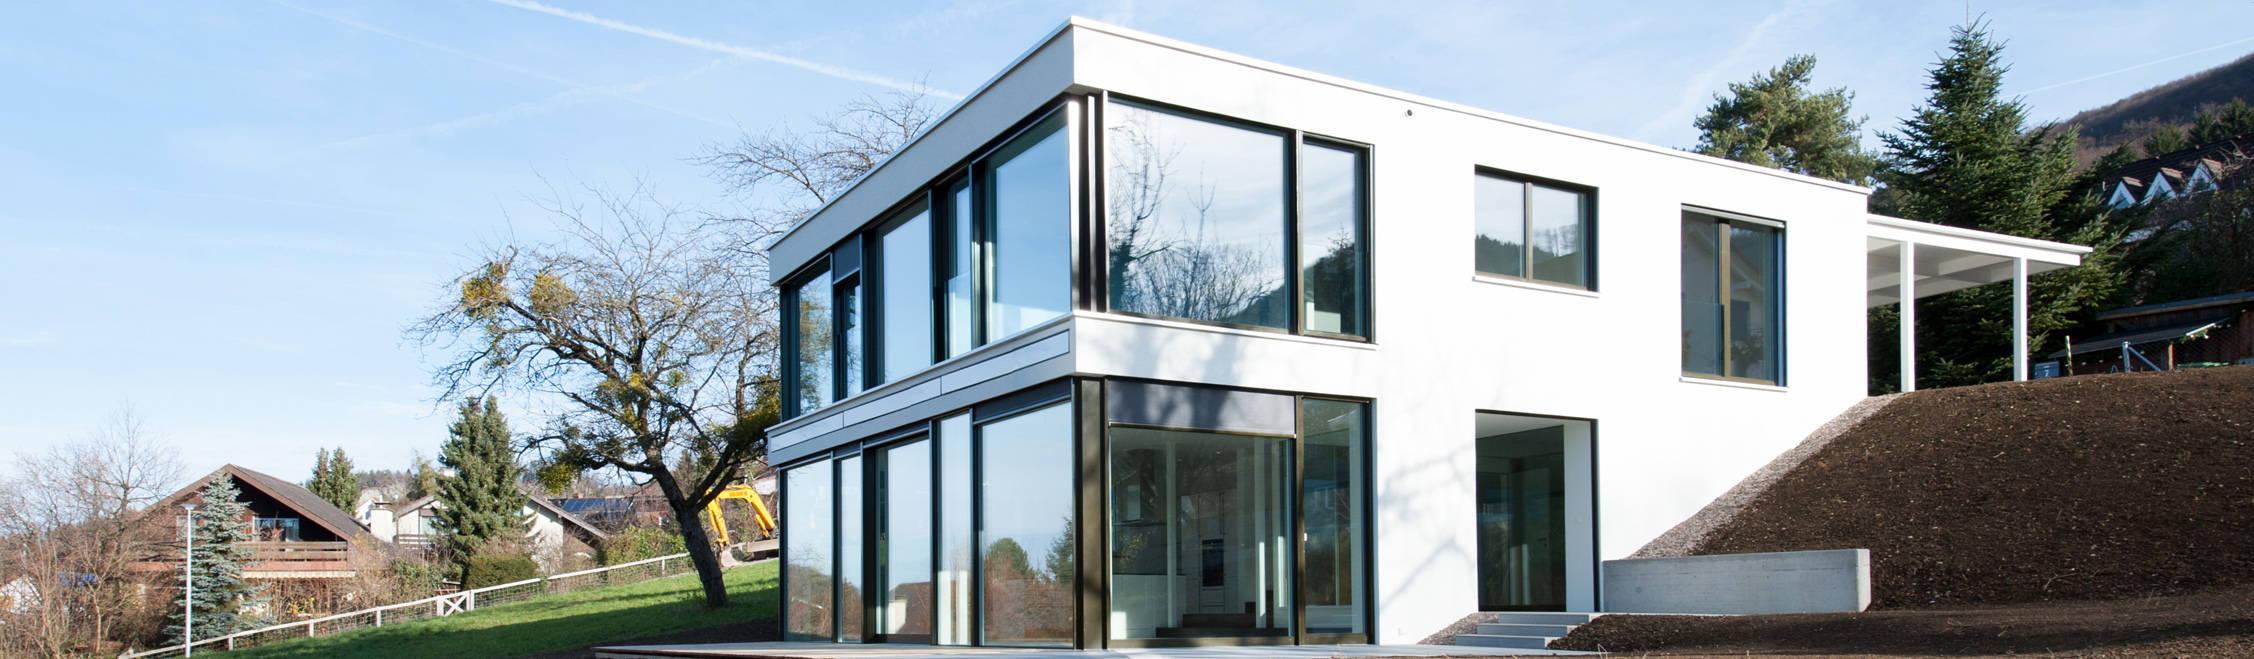 mmarch gmbh – Mader Marti Architektur ETH SIA